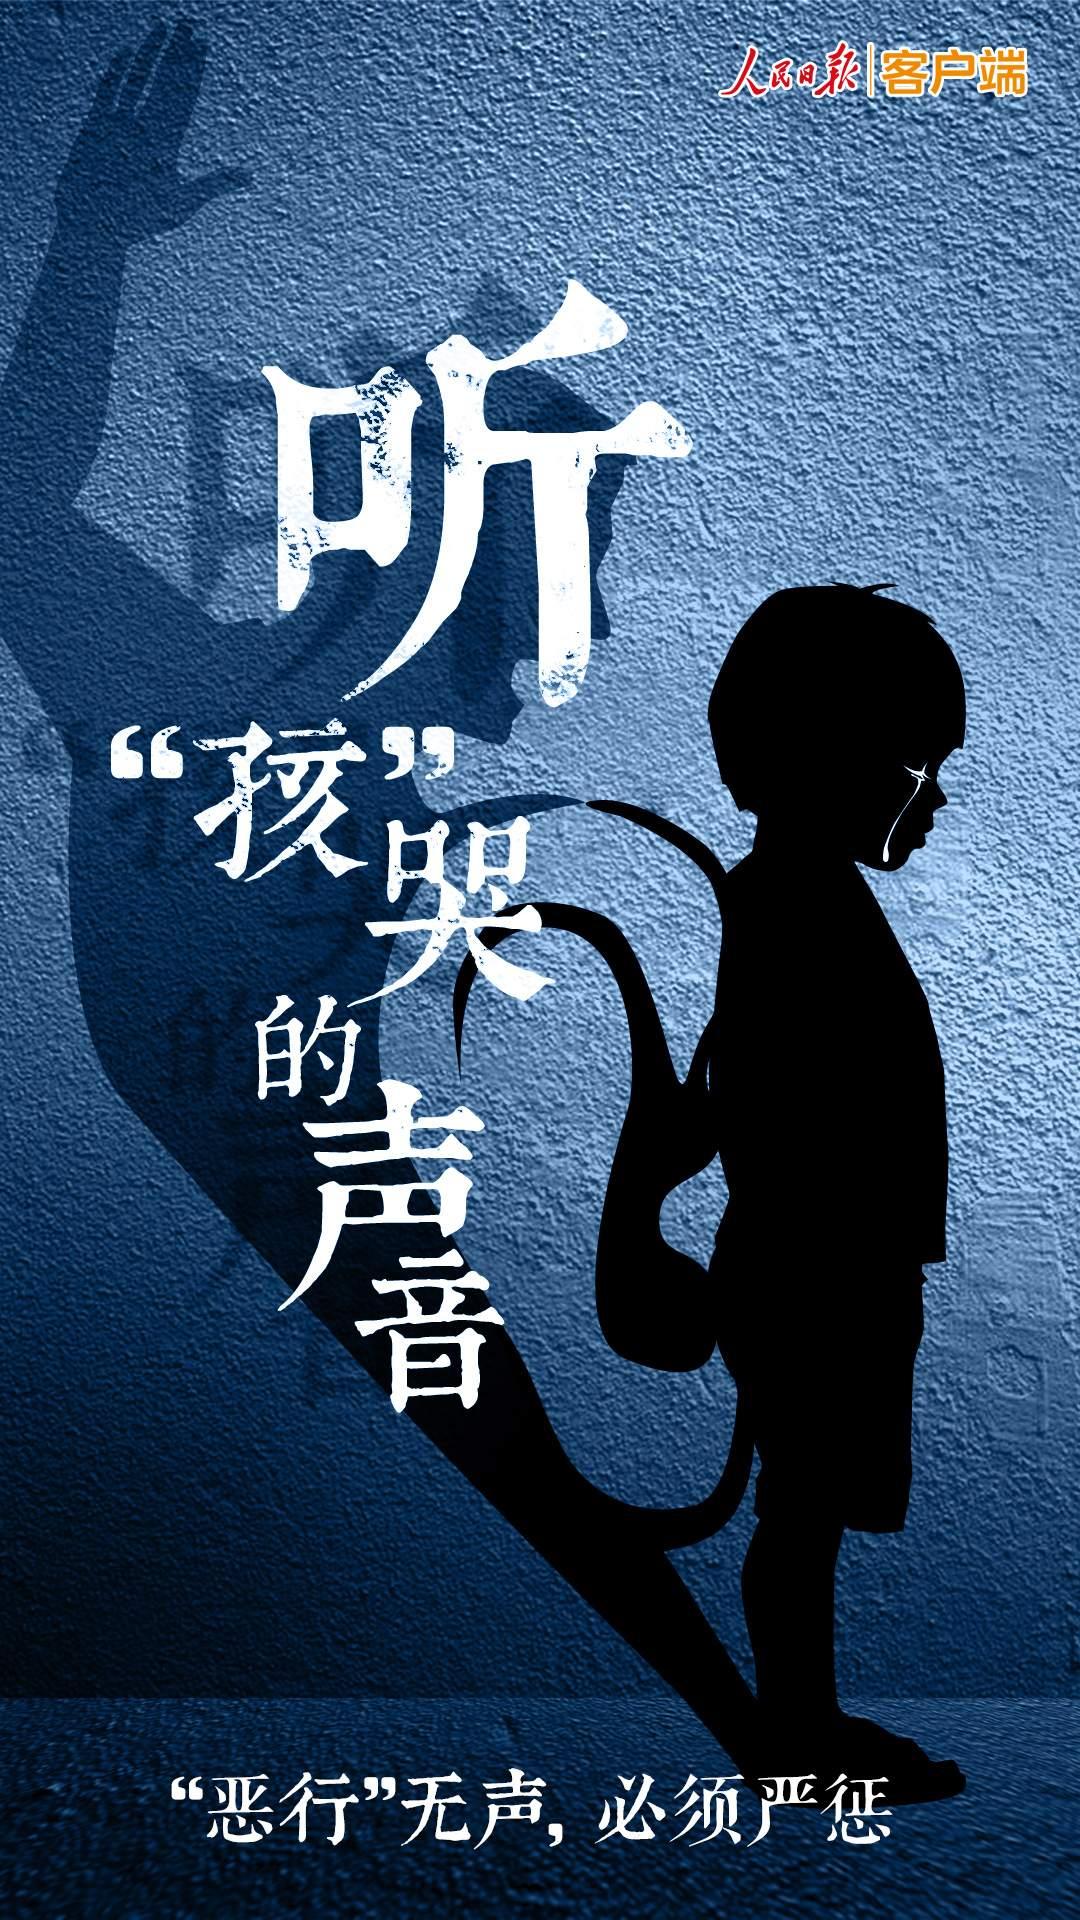 """人民日报评虐待残障儿童:恶行""""无声"""",务必严惩"""